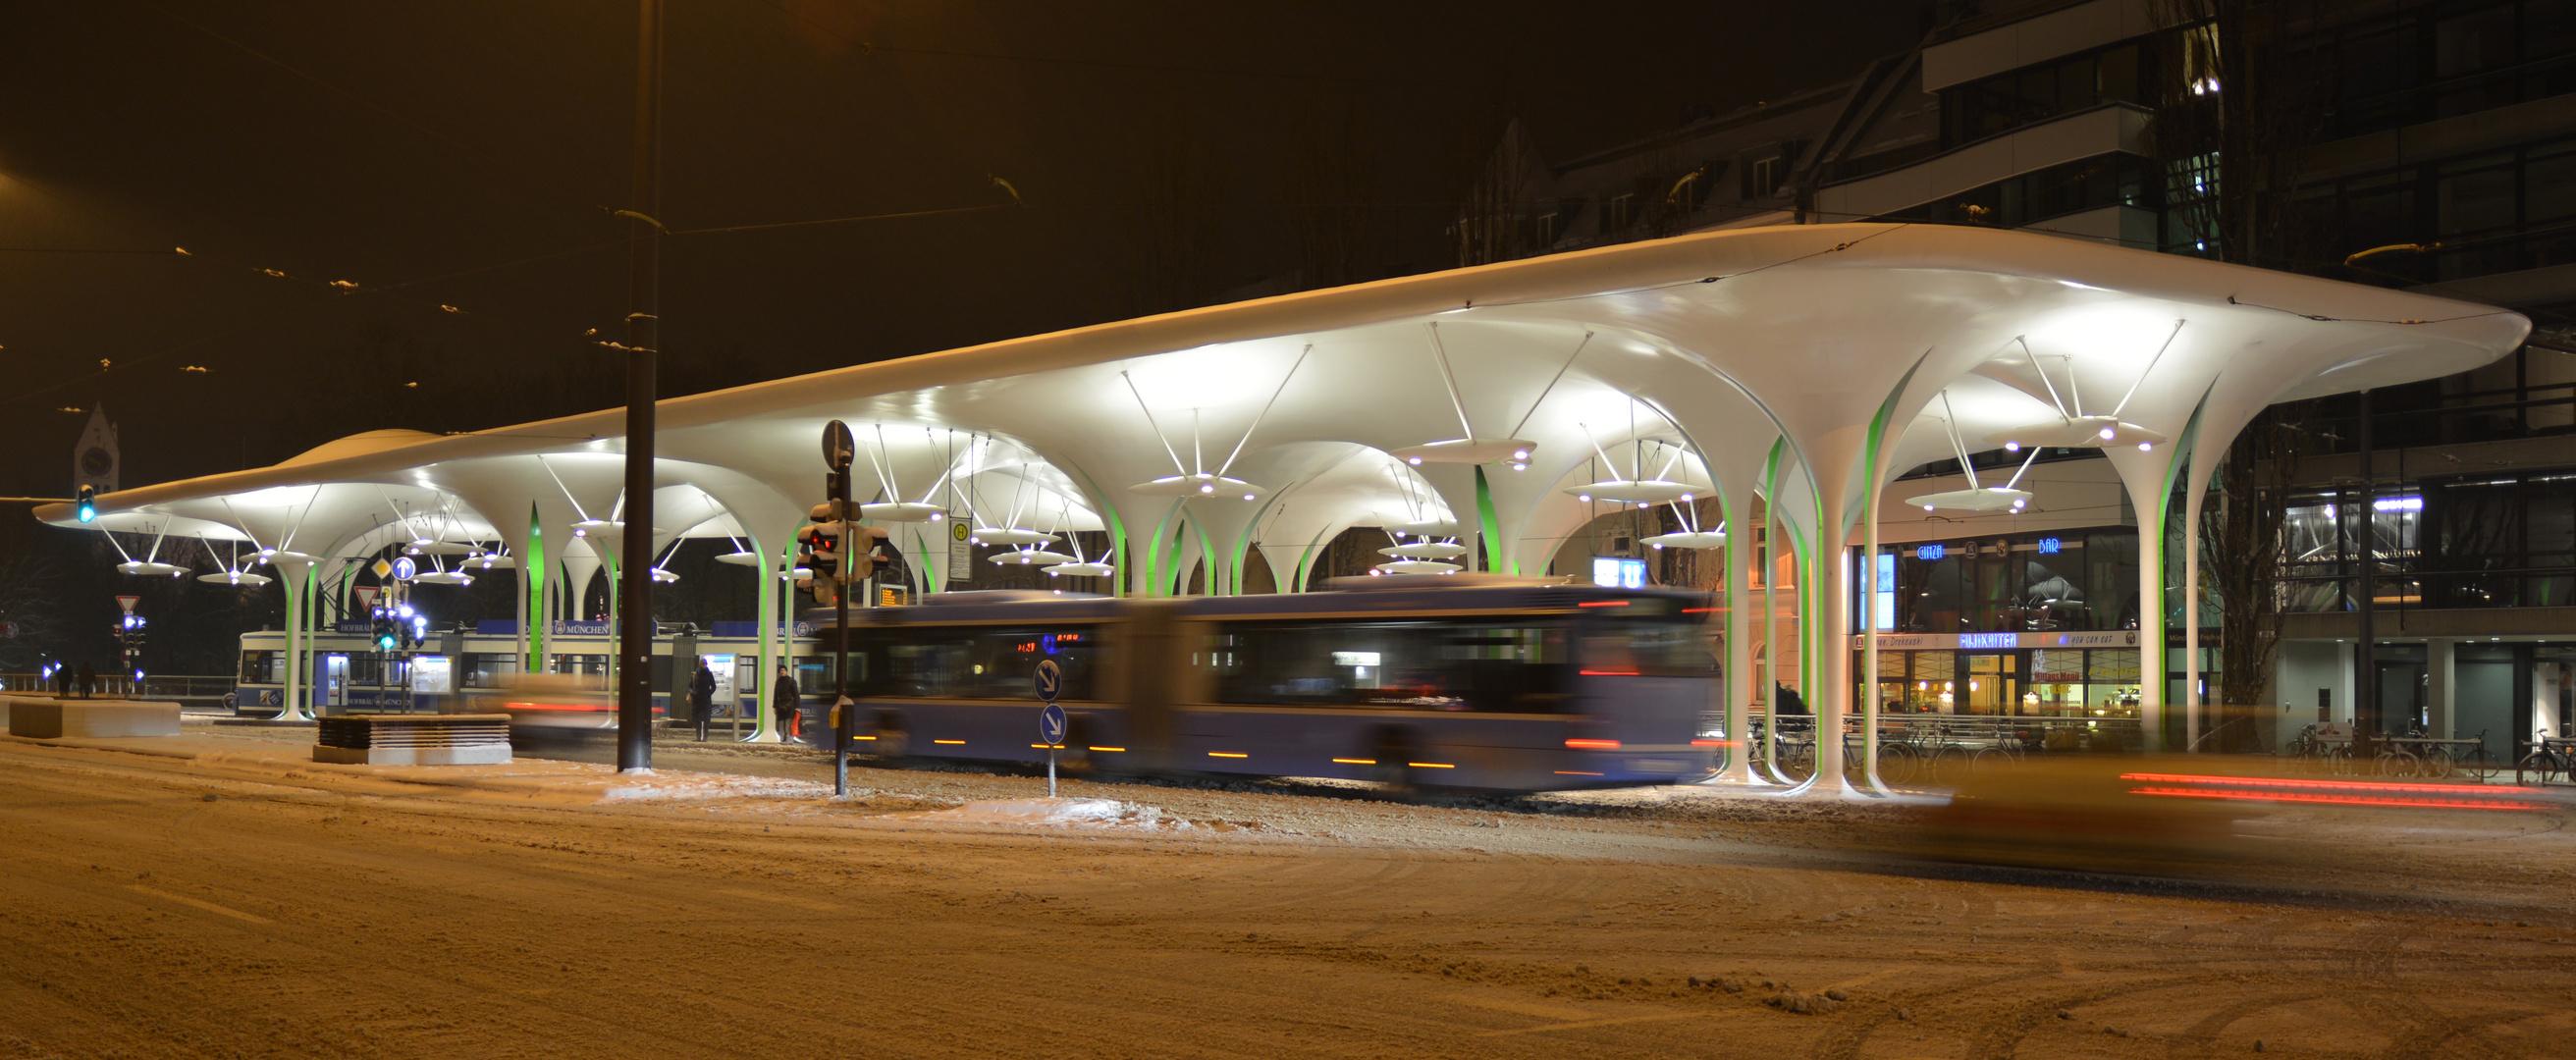 Münchener Freiheit -    Tram- und Bushaltestelle      21:51